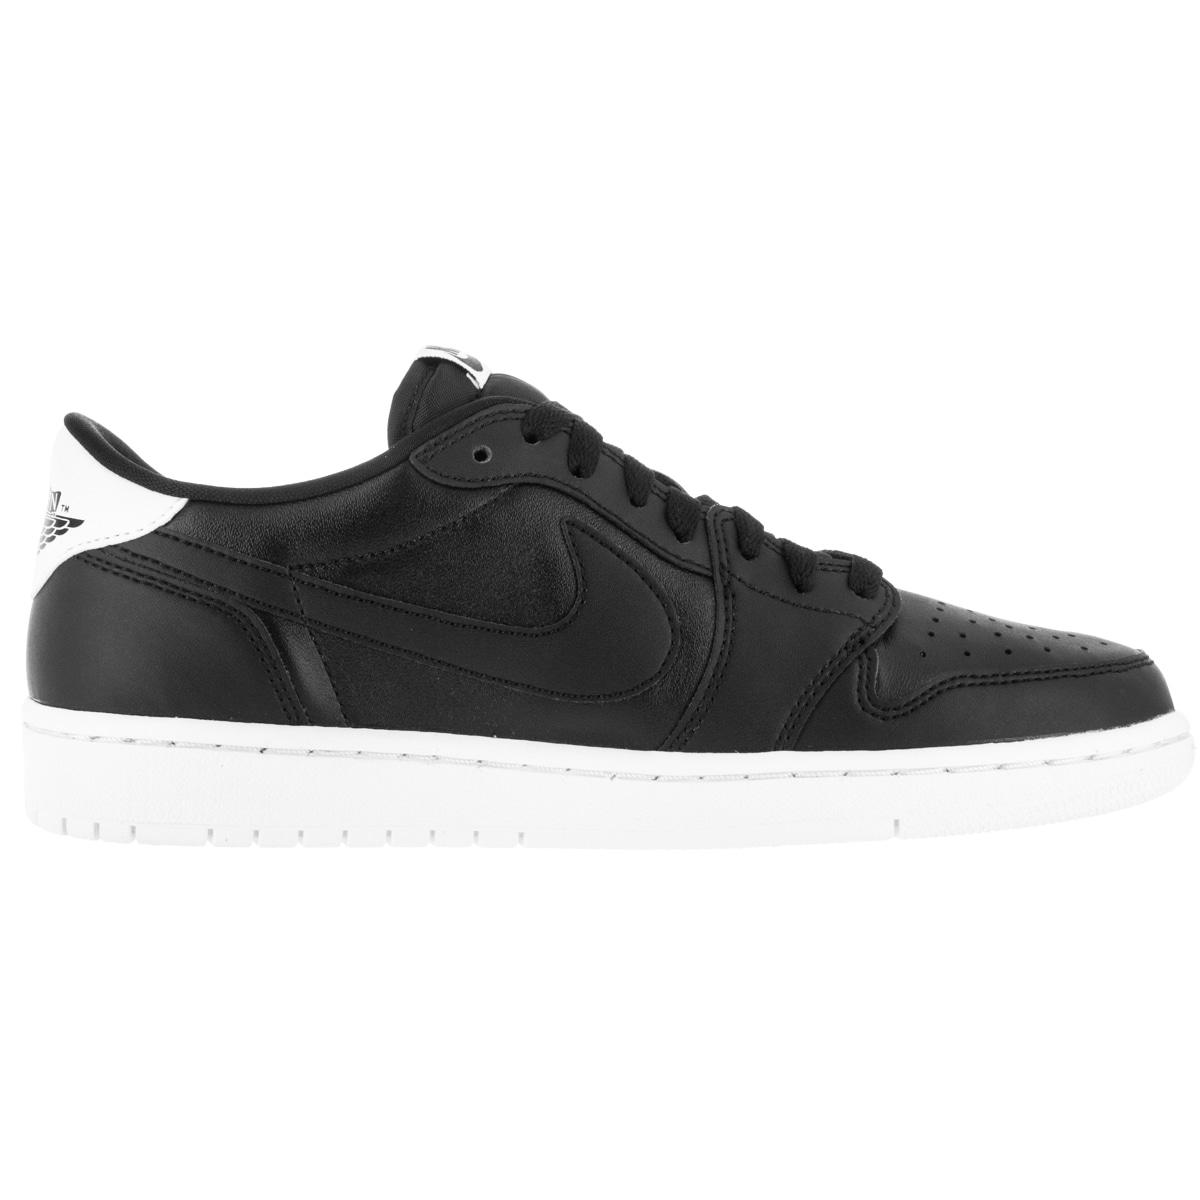 Nike Blazer Vintage Salut Suède Carreaux Cheminée En Noir Et Blanc